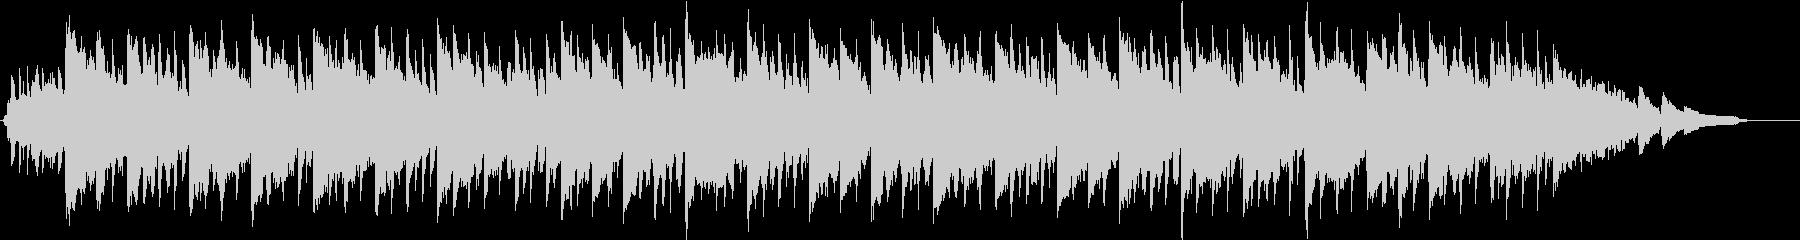 幻想的なハイブリッドエレクトロサウンドの未再生の波形